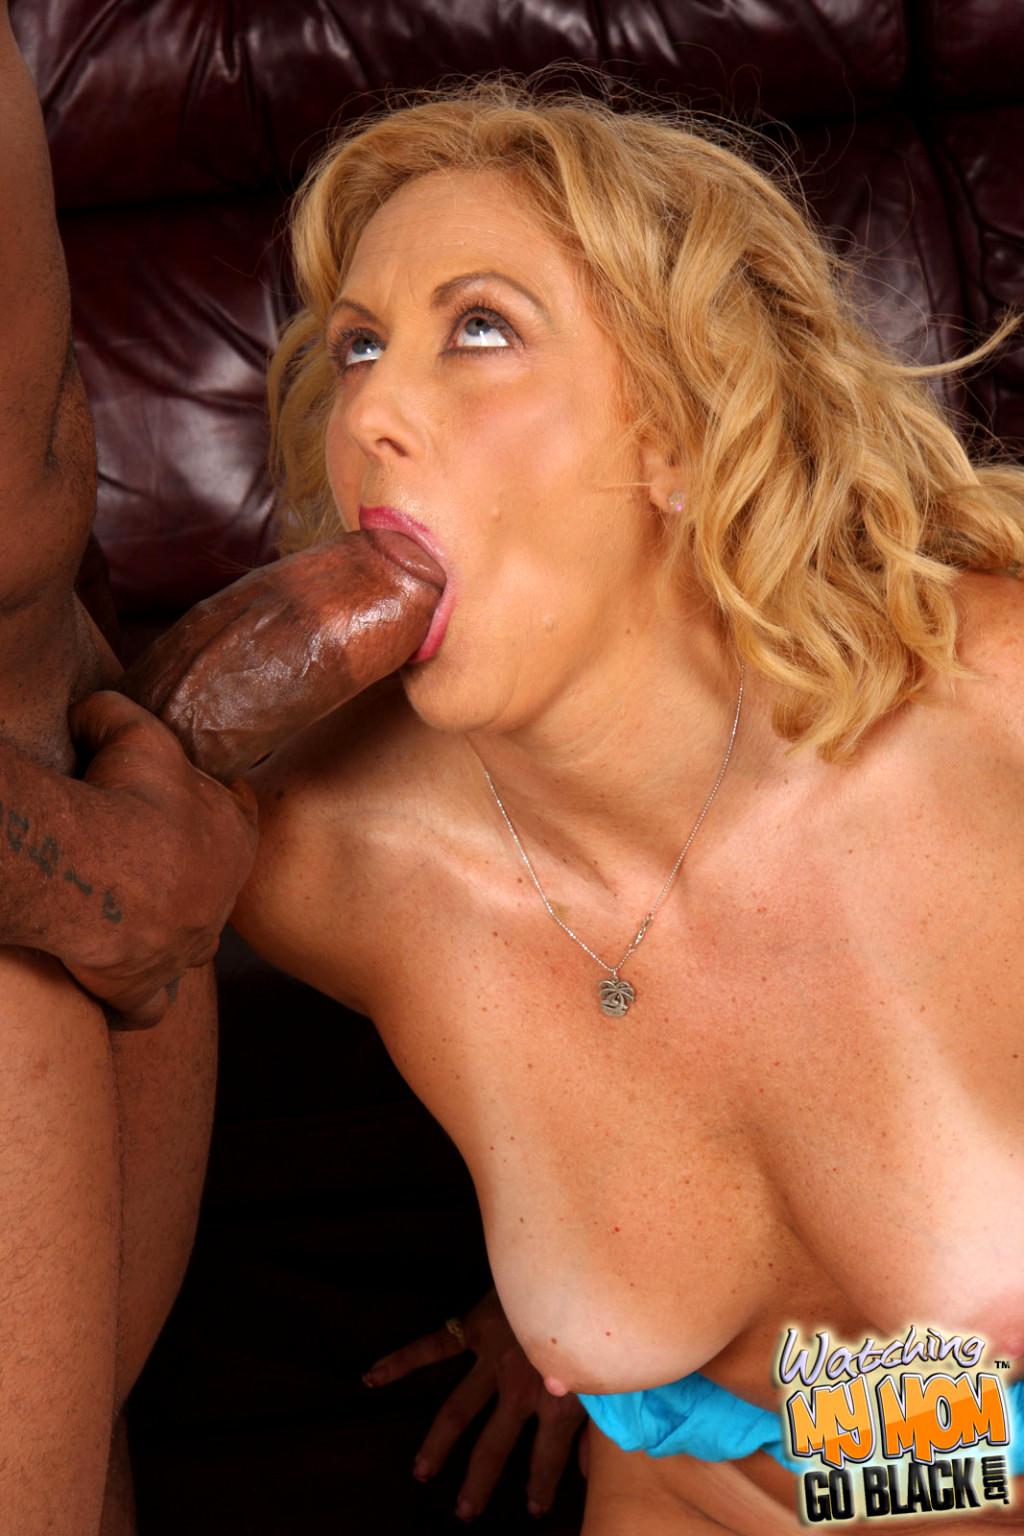 Dana devine porn